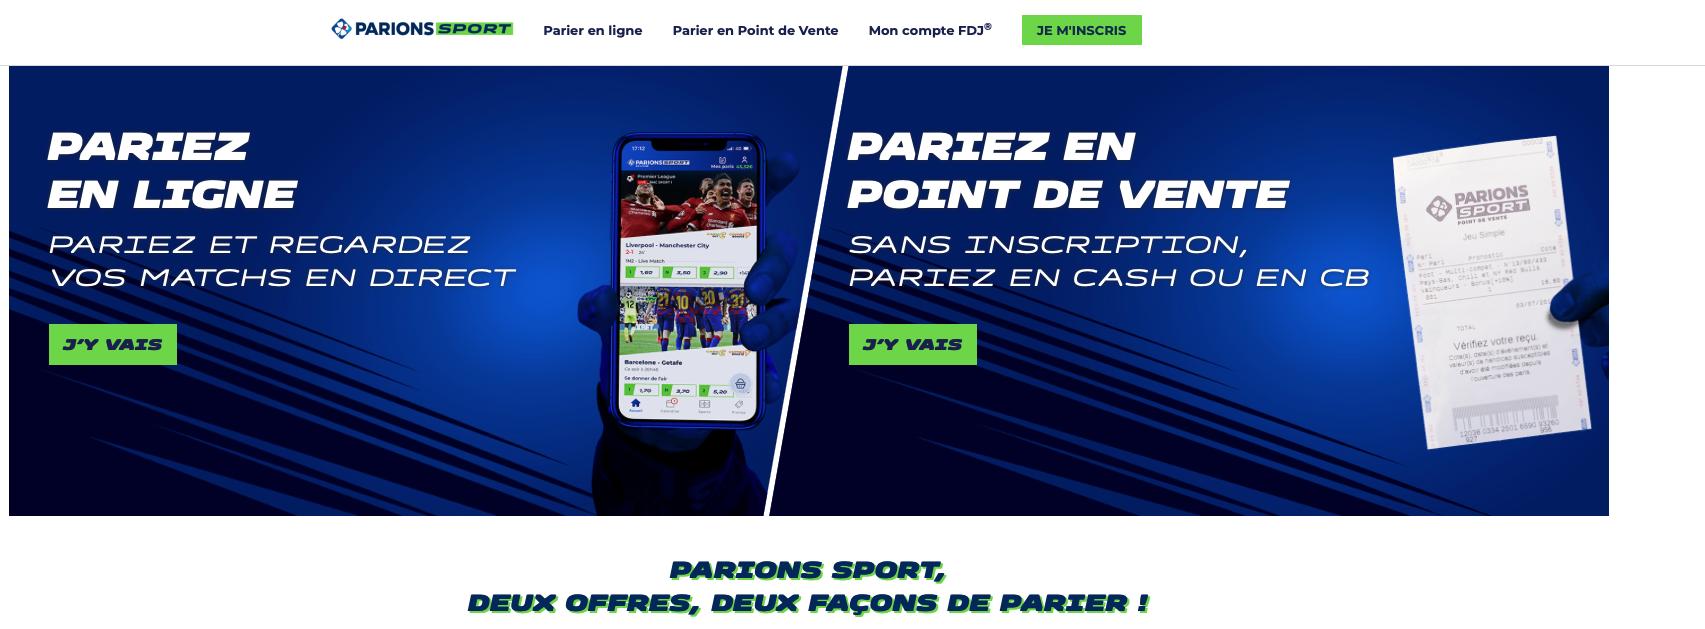 Parions Sport : avis et présentation du site de paris sportif